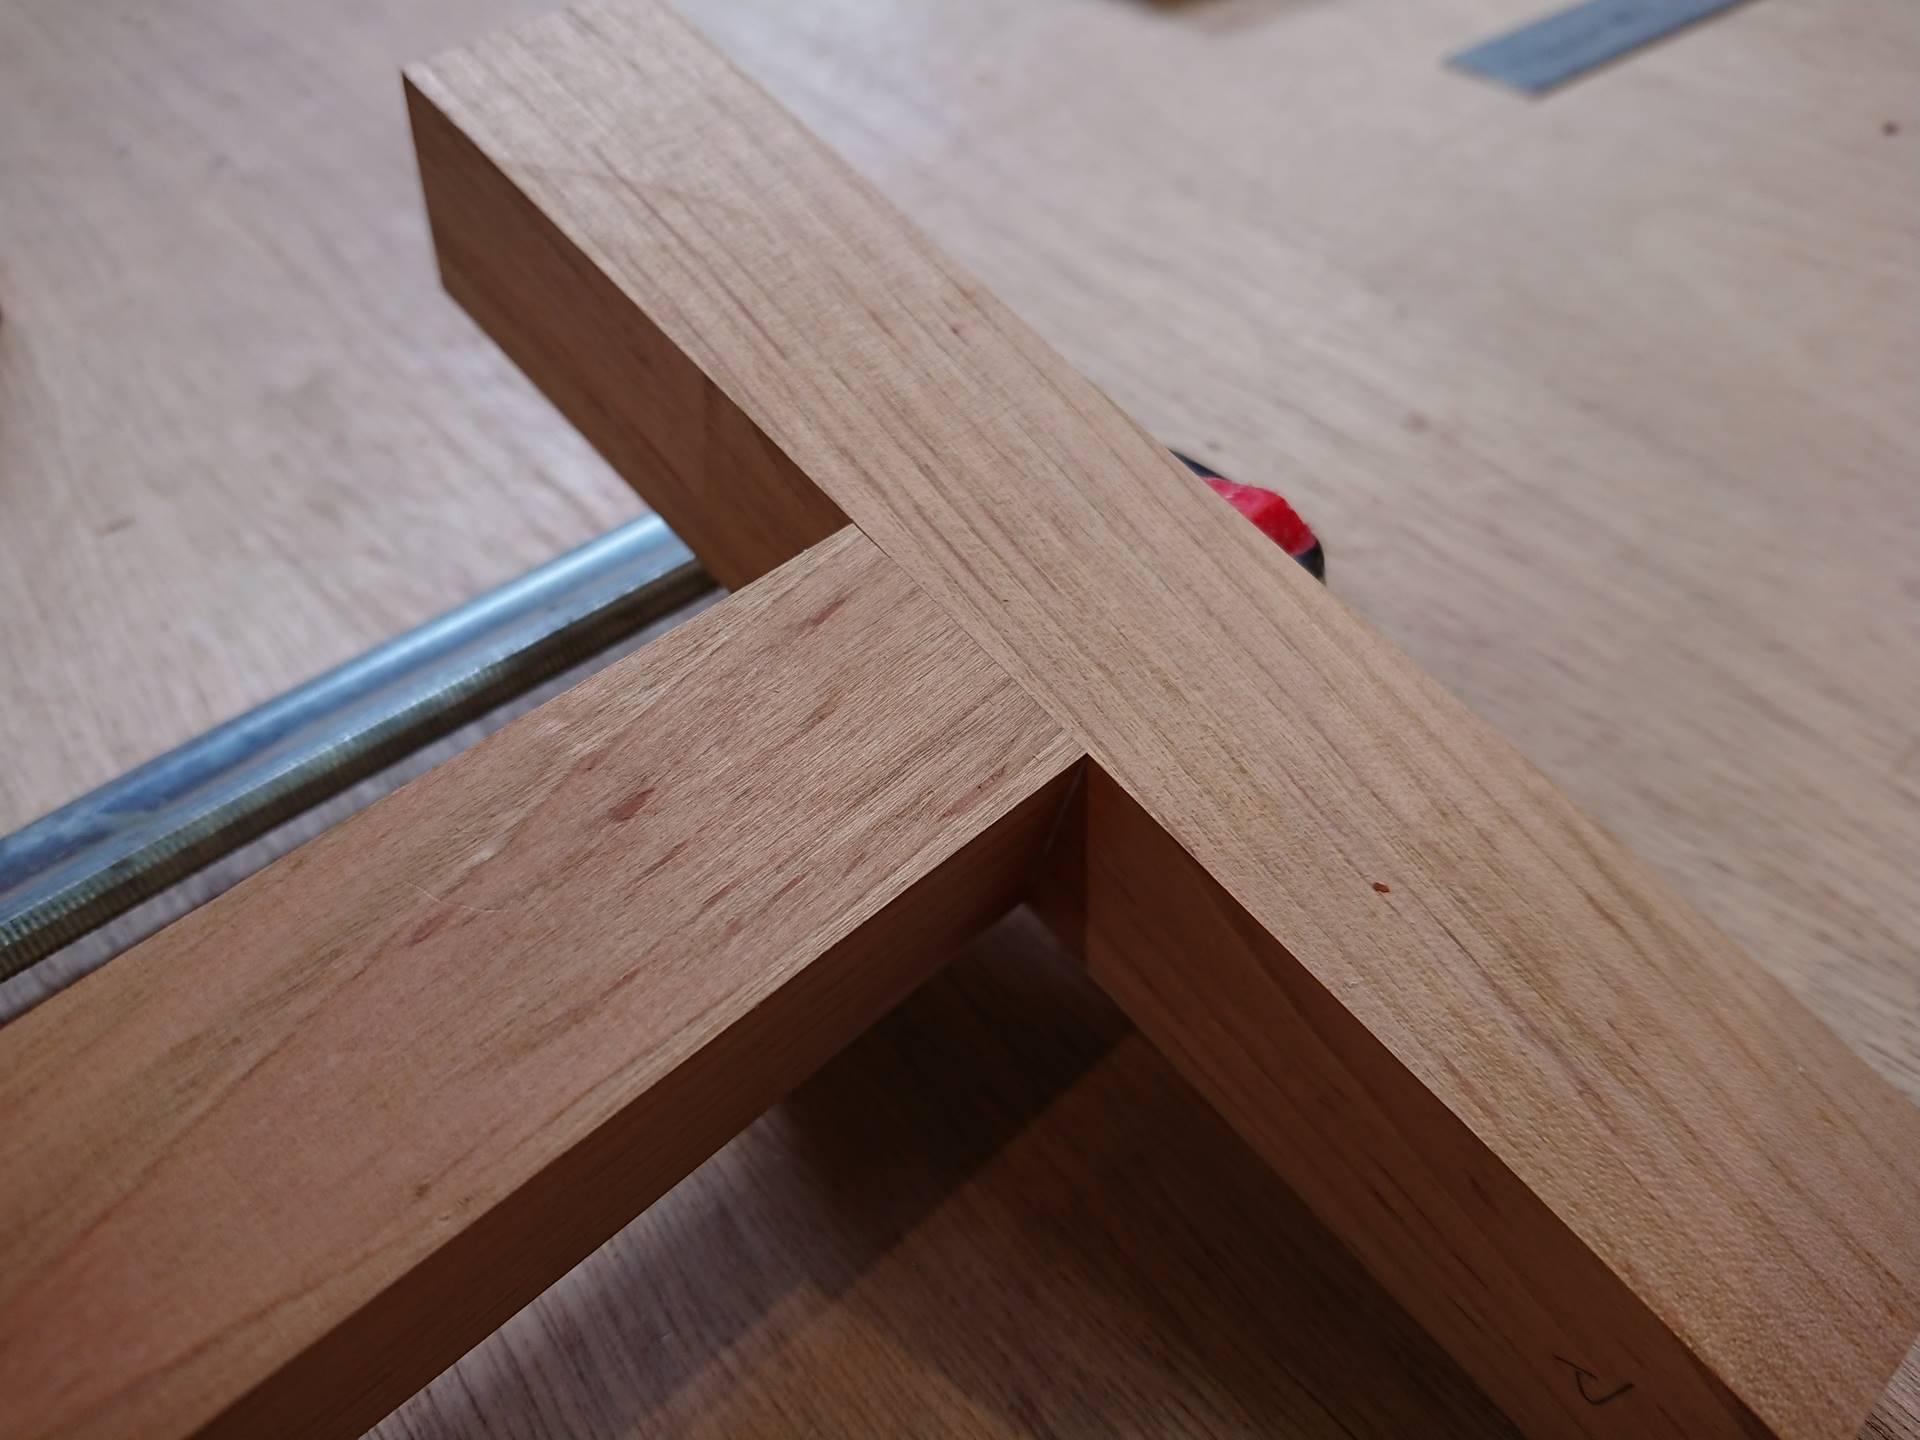 枘加工 ほぞ 木組み 仕口 ツバキラボ レッスン